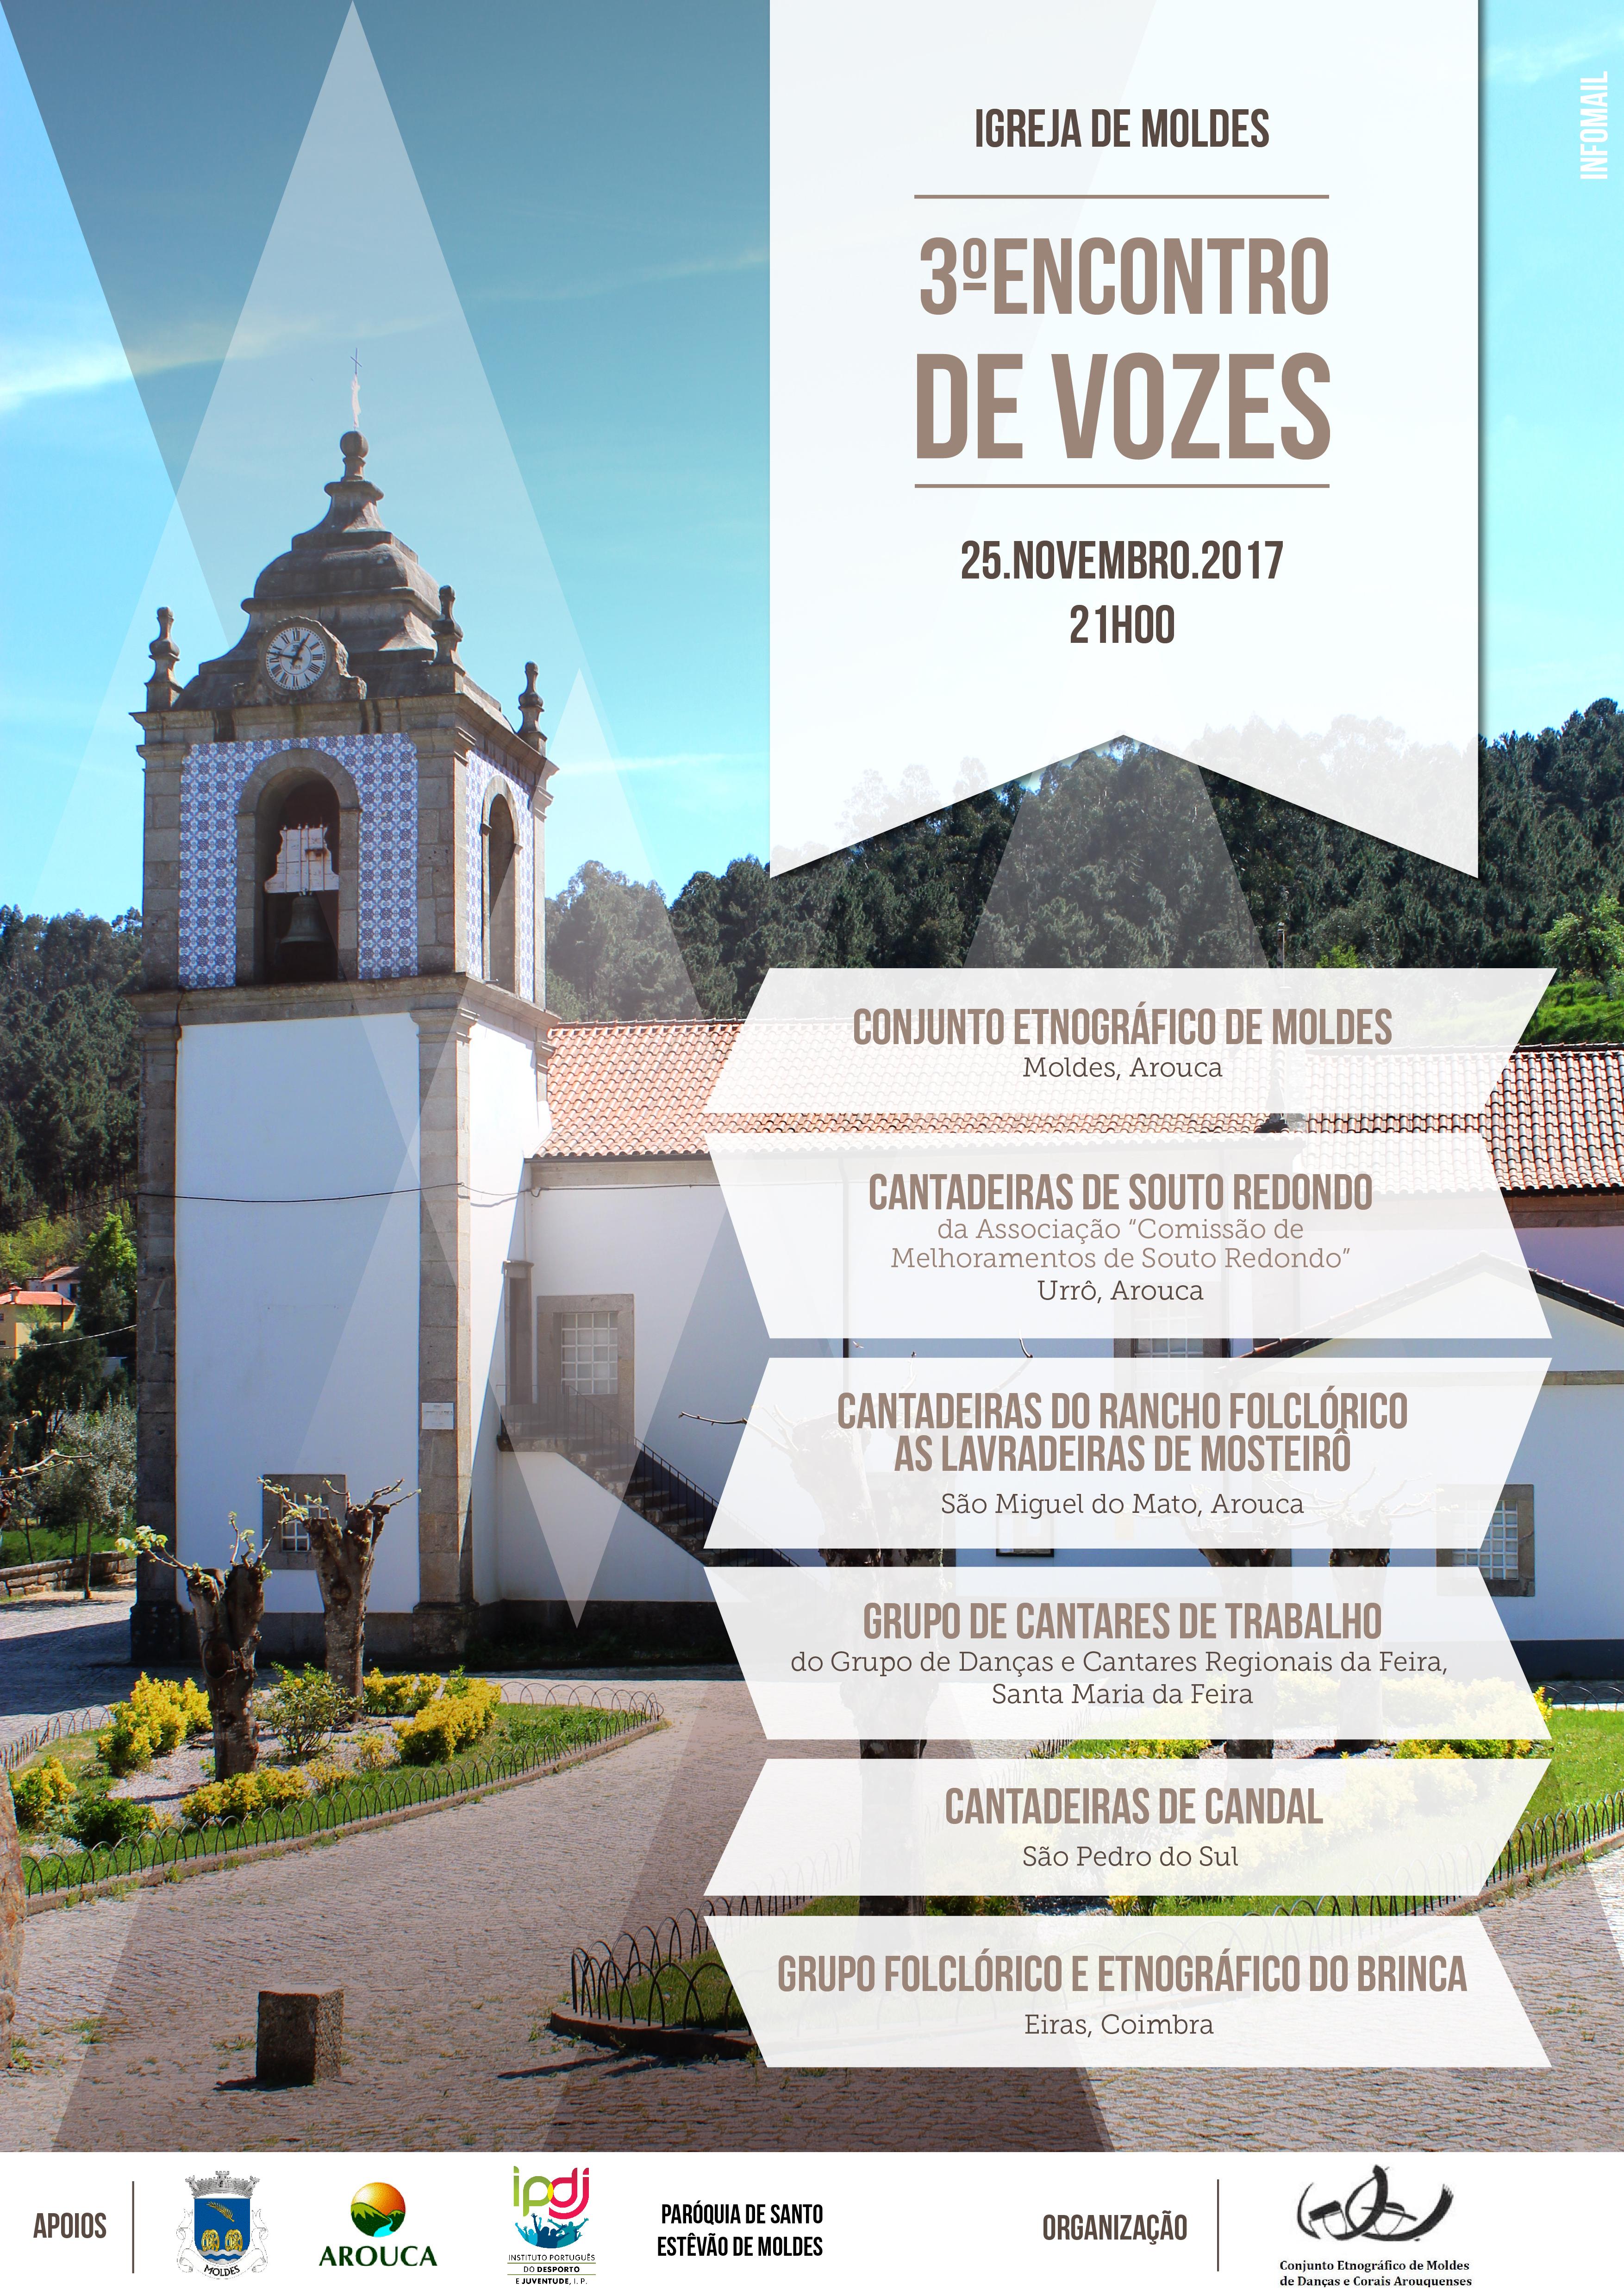 Conjunto Etnográfico de Moldes organiza 3º Encontro de Vozes